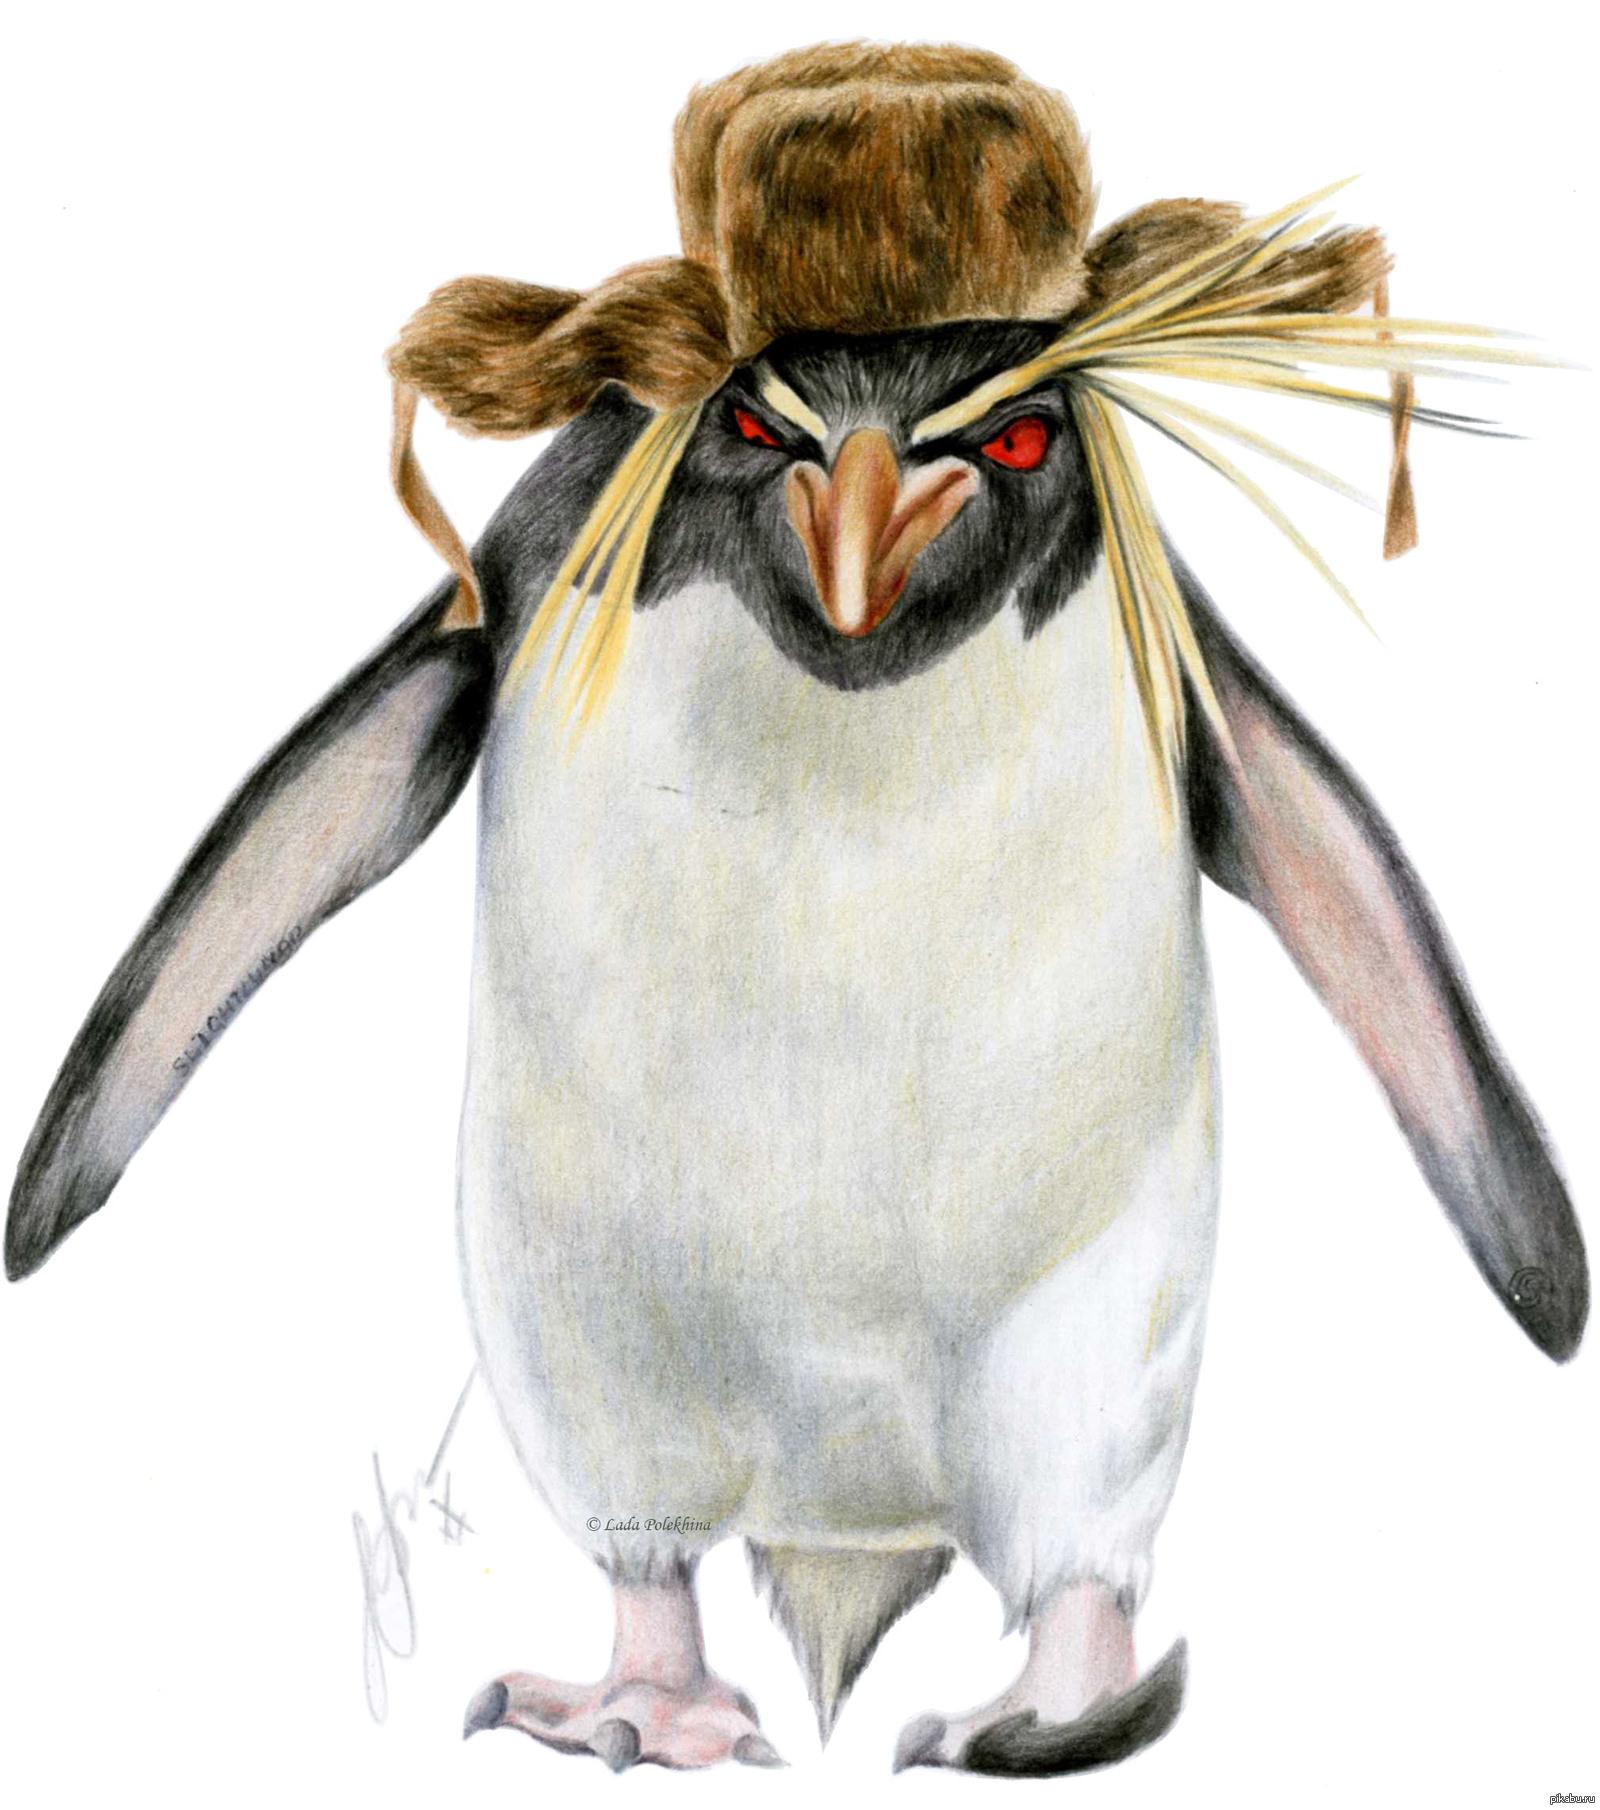 только смешные картинки пингвина рисунок претендую абсолютную истину